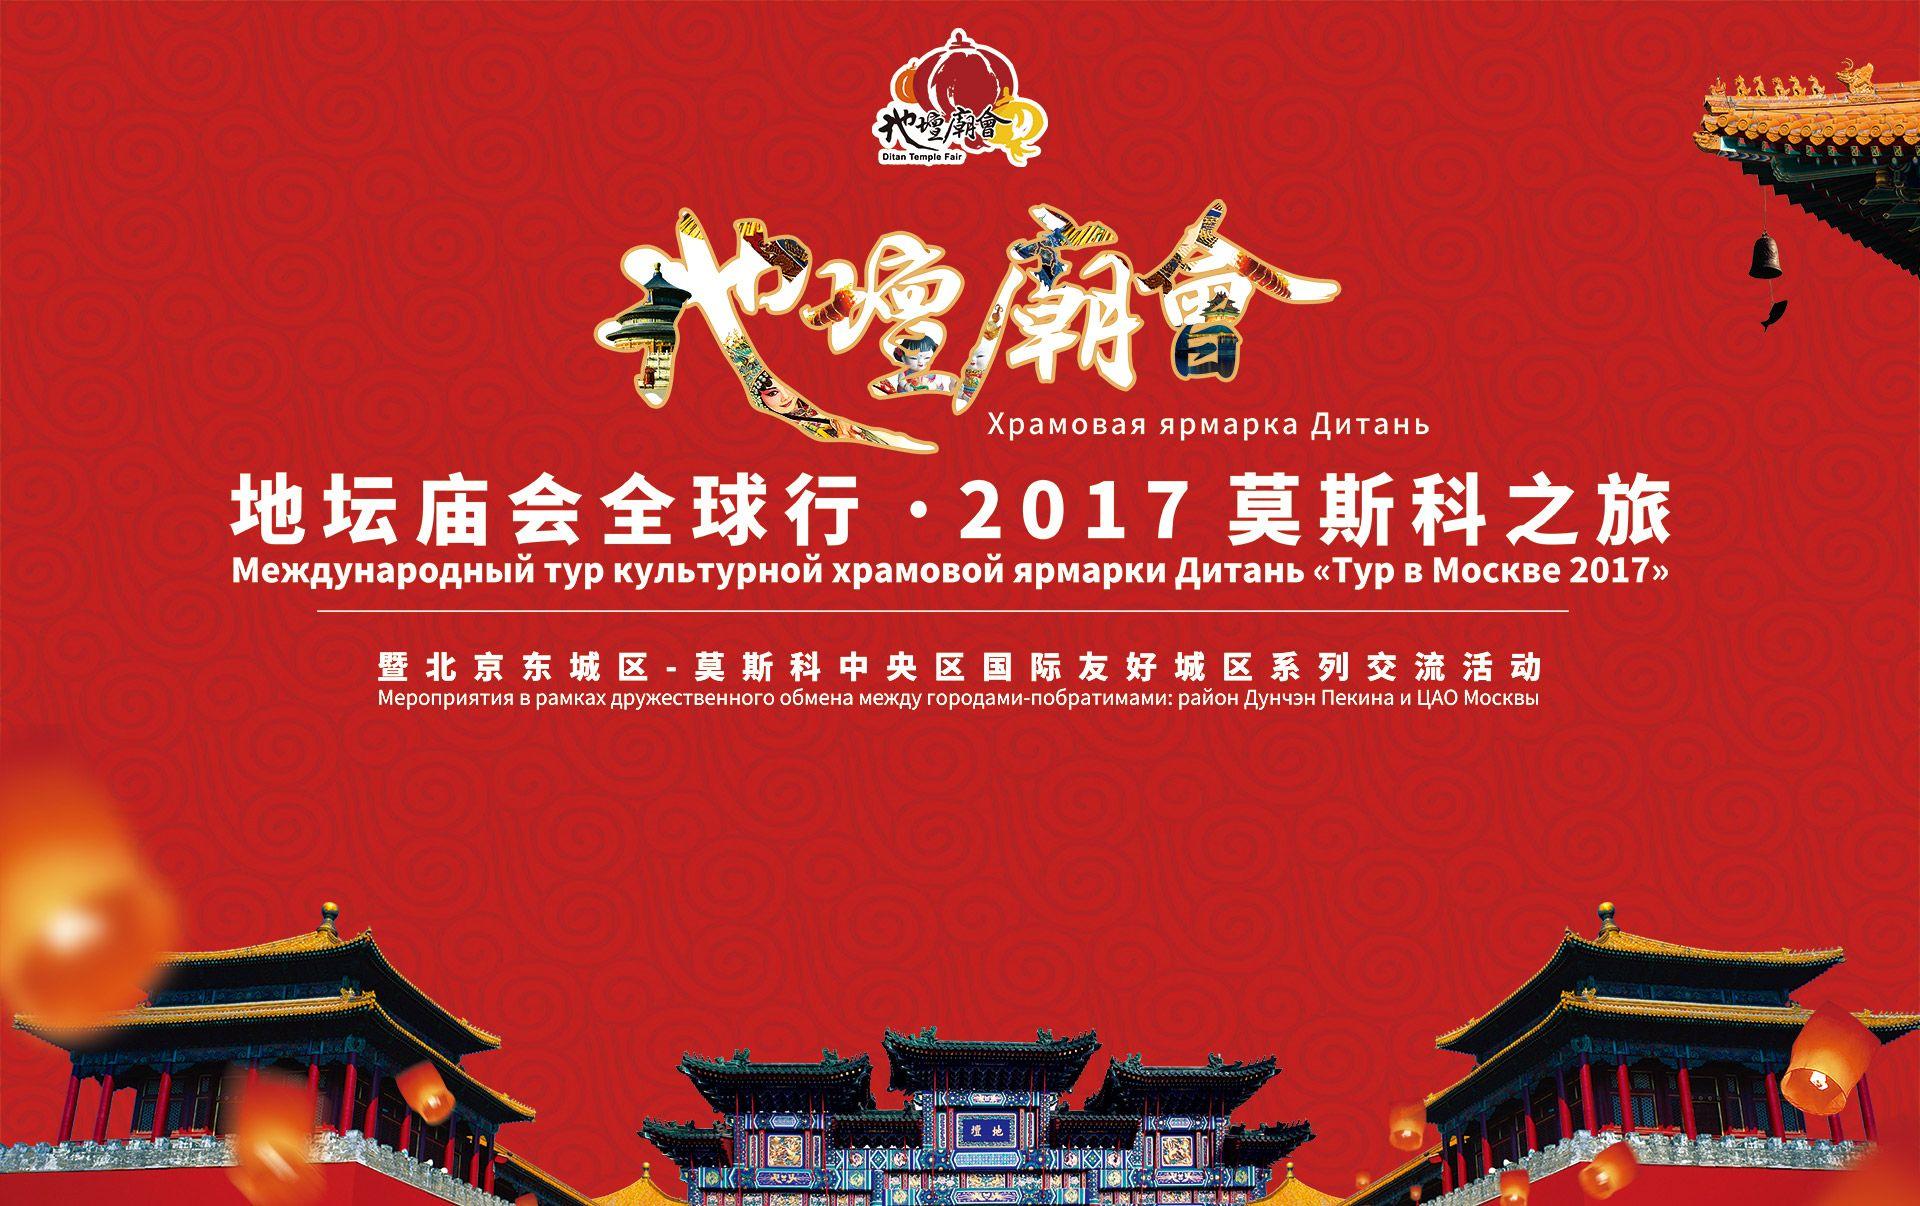 中国非遗传承人视频送祝福,好手艺现场见!